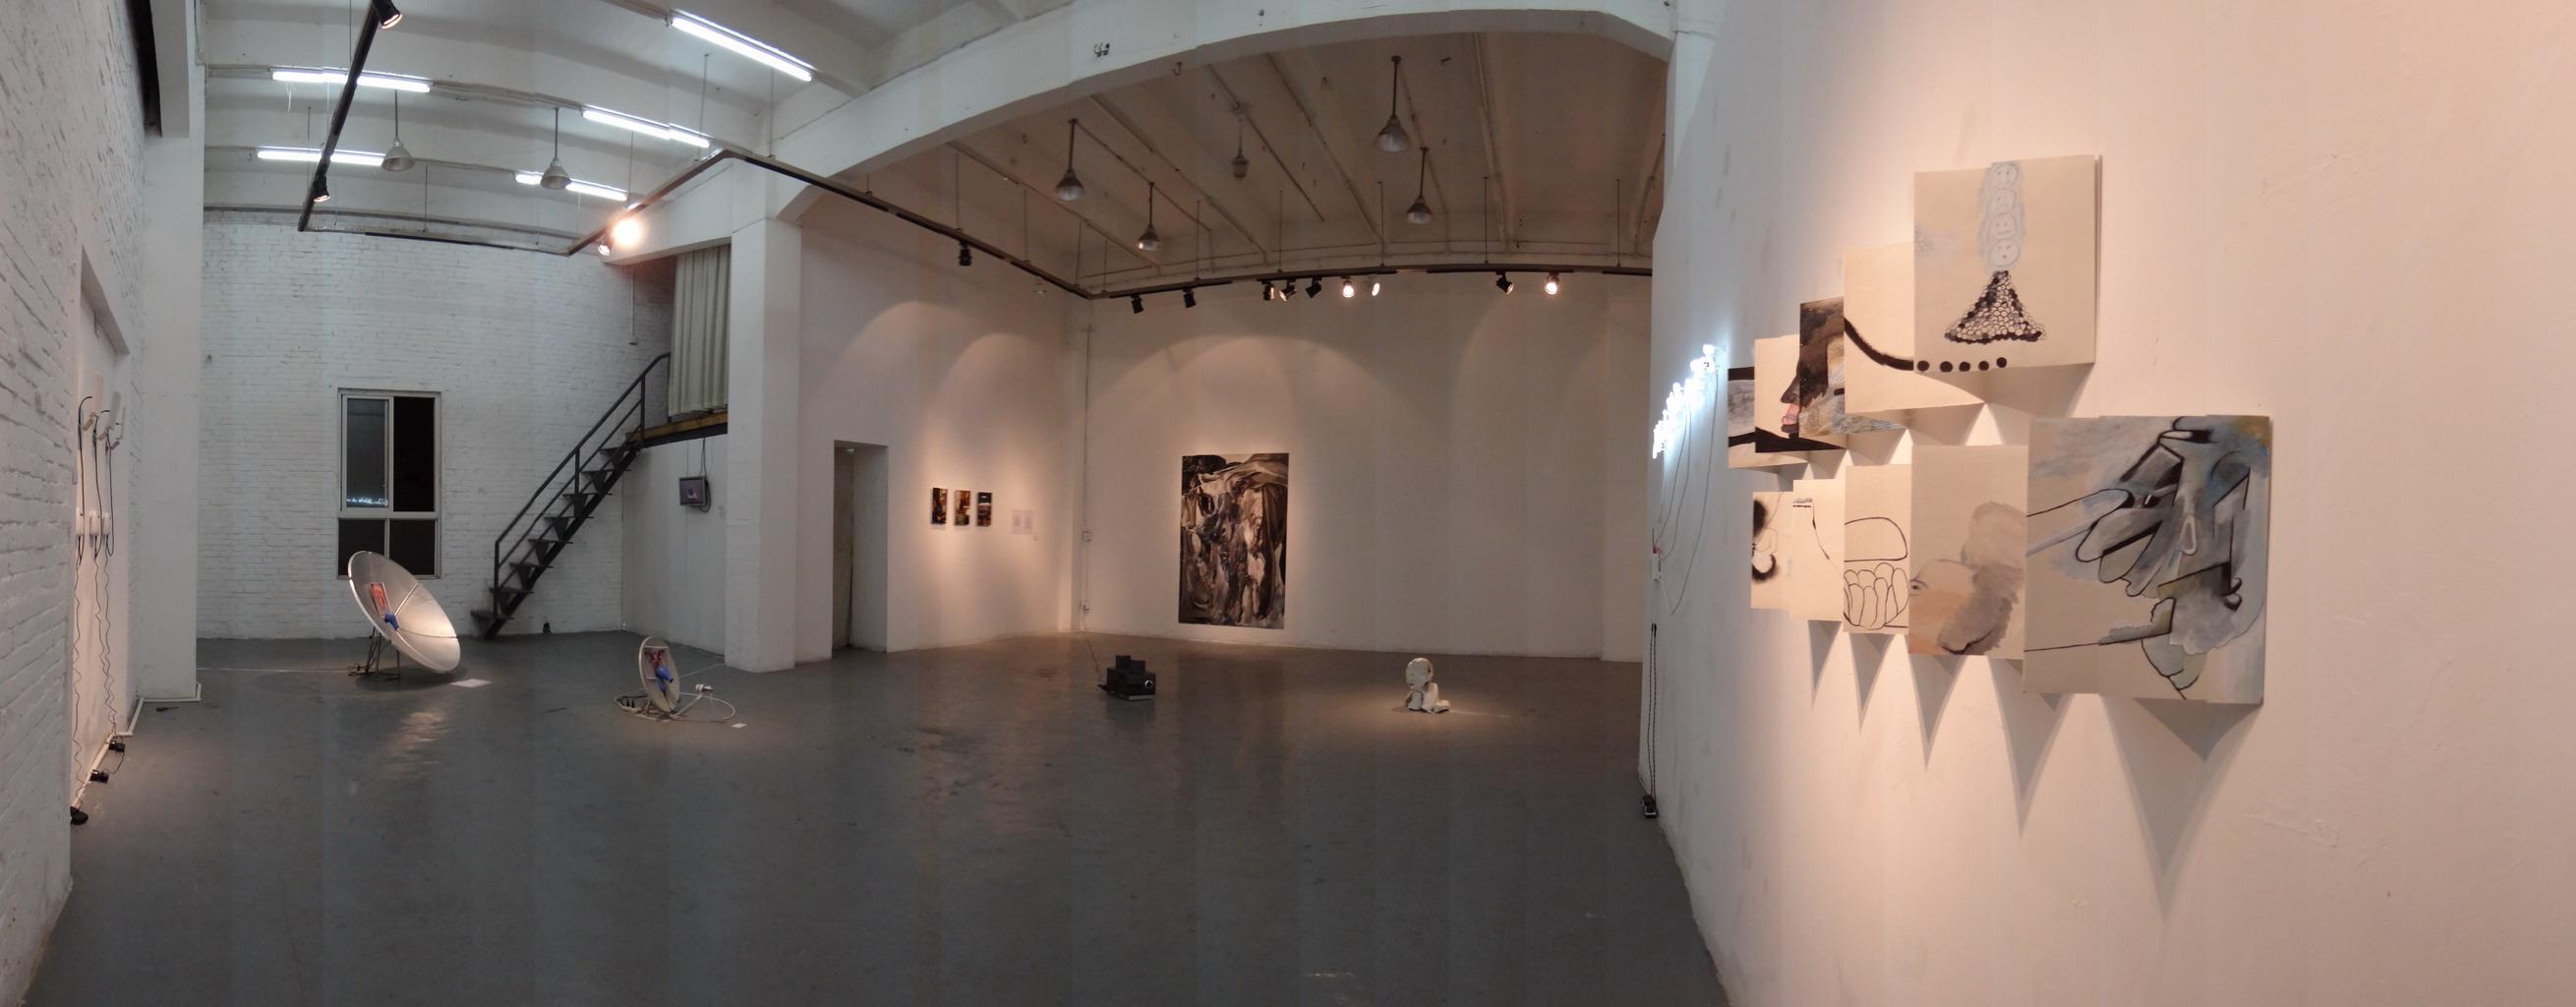 器·Haus空間展覽空間